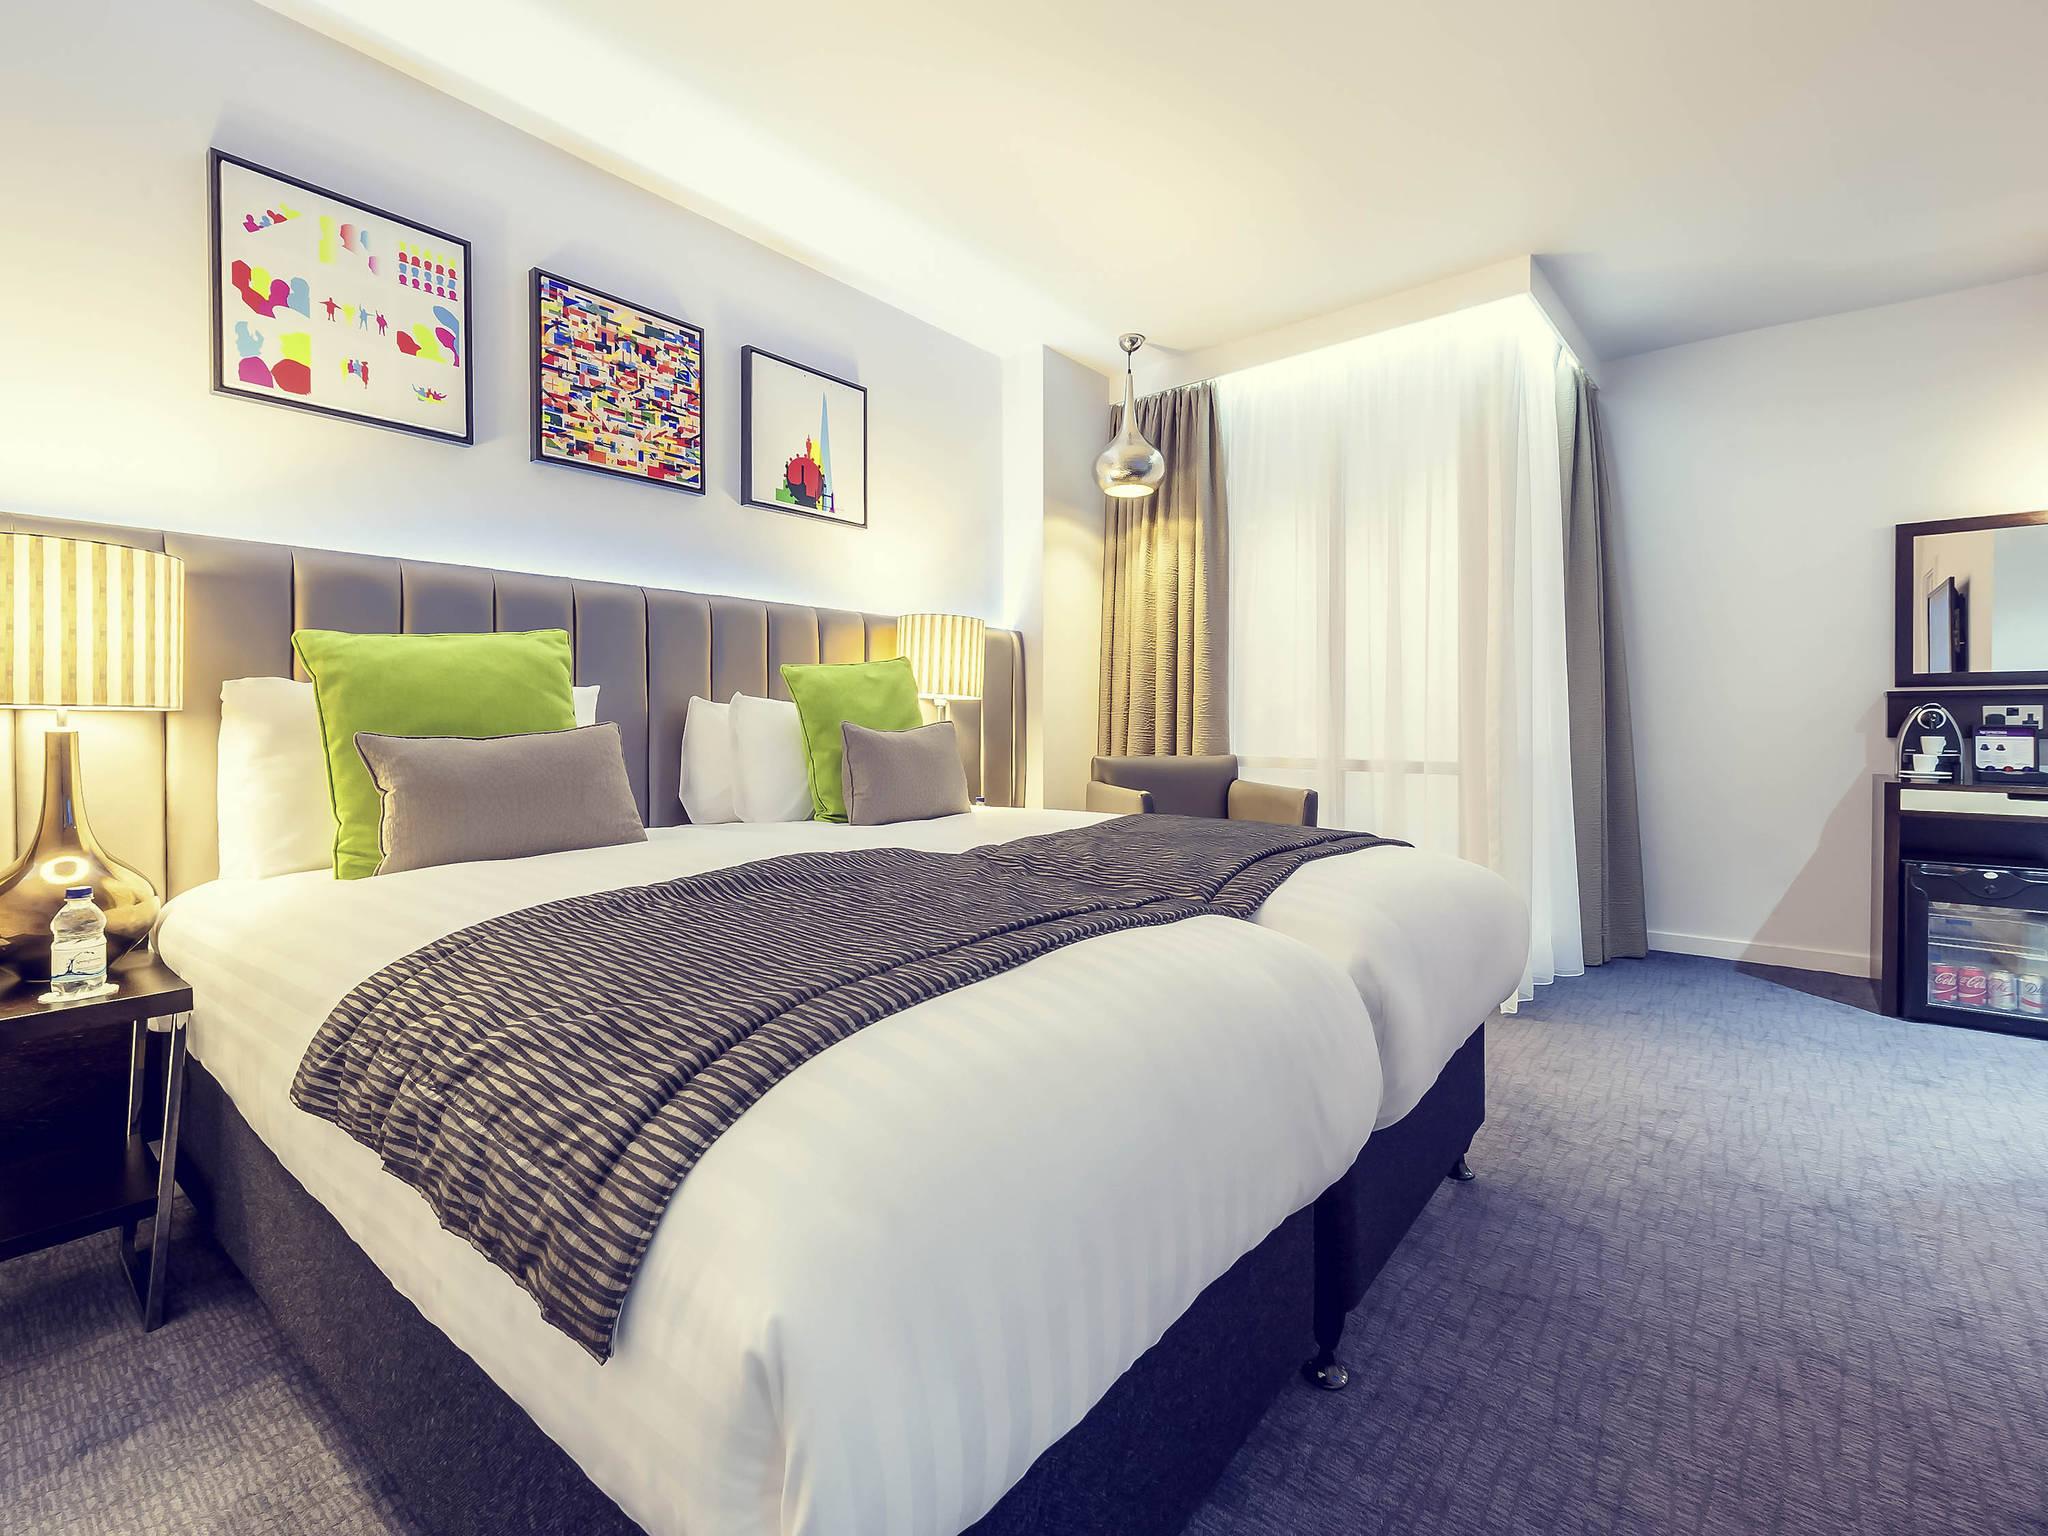 فندق - مركيور Mercure لندن بادنغتون